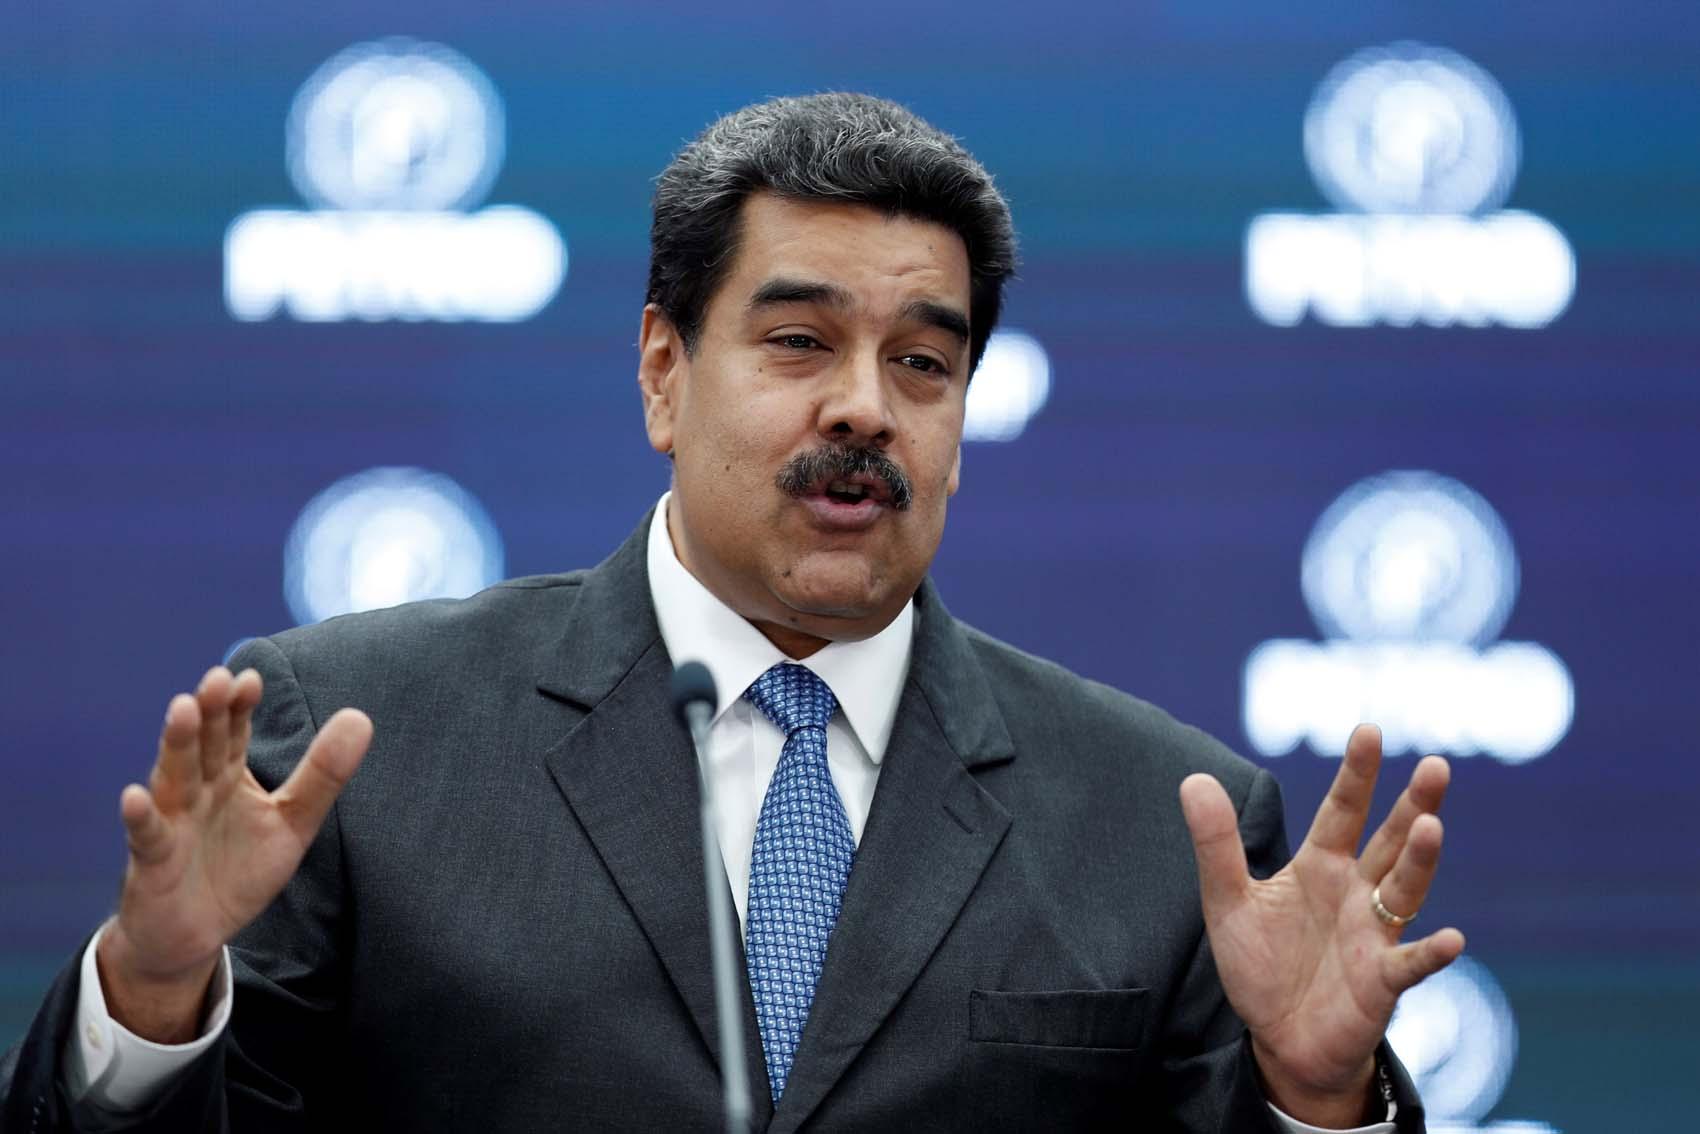 La recuperación económica de Maduro cumple dos meses sin resolver crisis